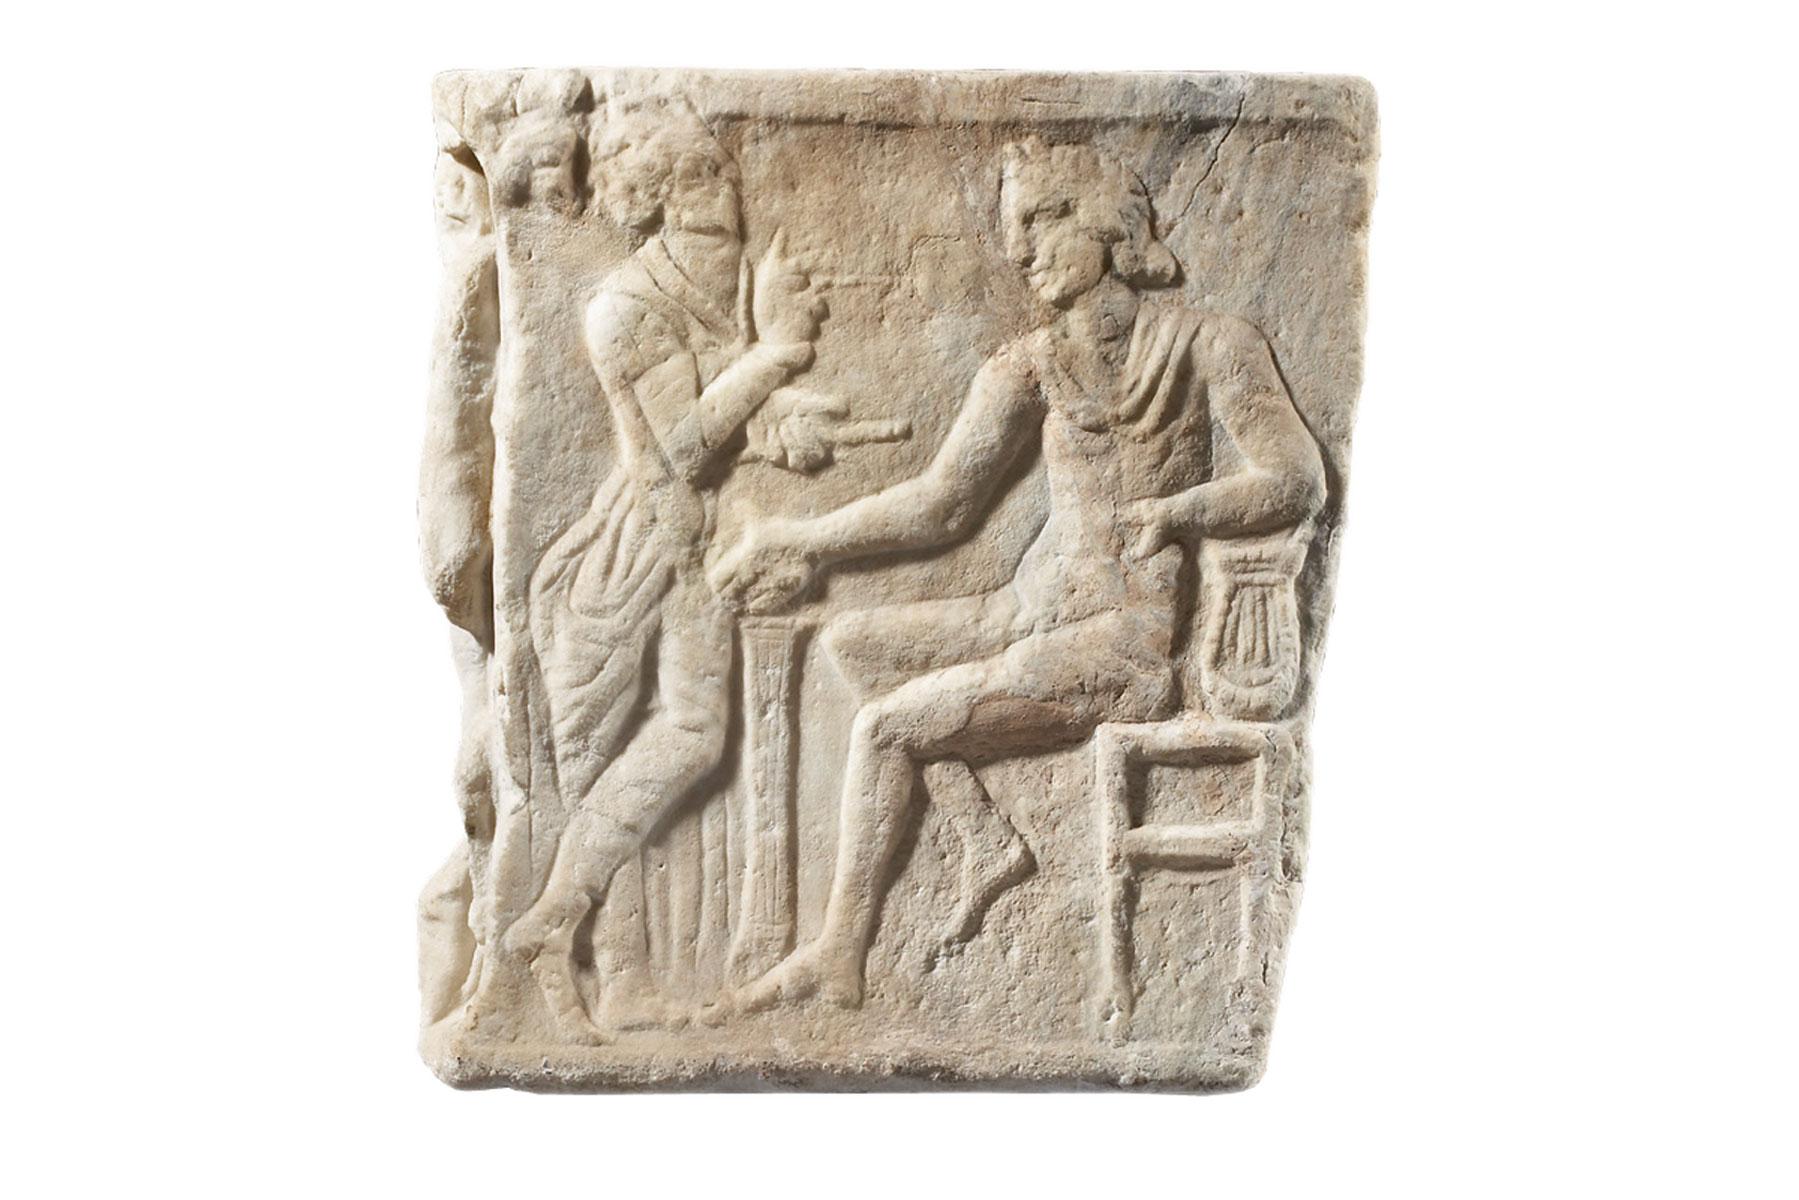 Statue einer Muse vor thronenden Apoll, Marsyas-Sarkophag, Querseite, 2. Jh. n. Chr.